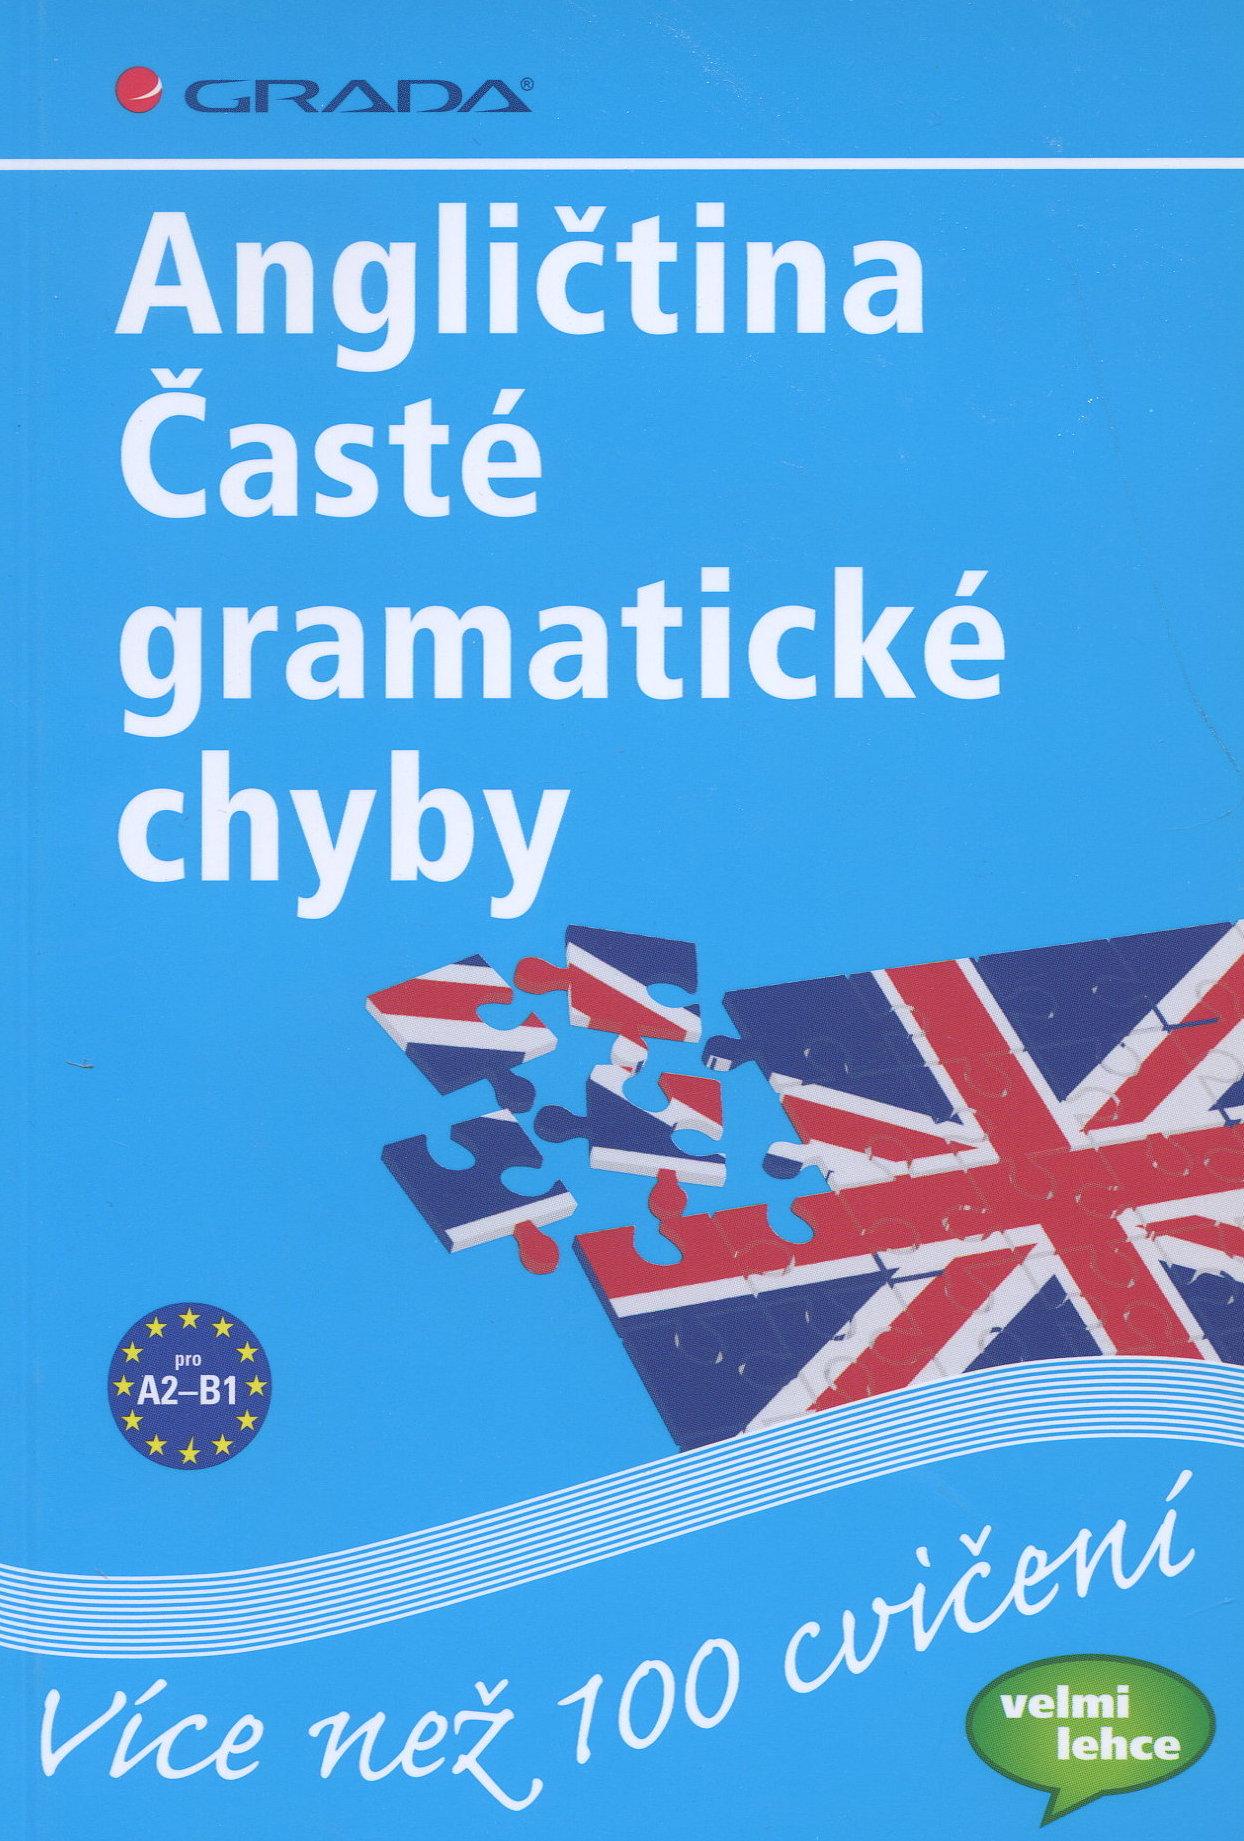 Angličtina Časté gramatické chyby - pro A2-B1